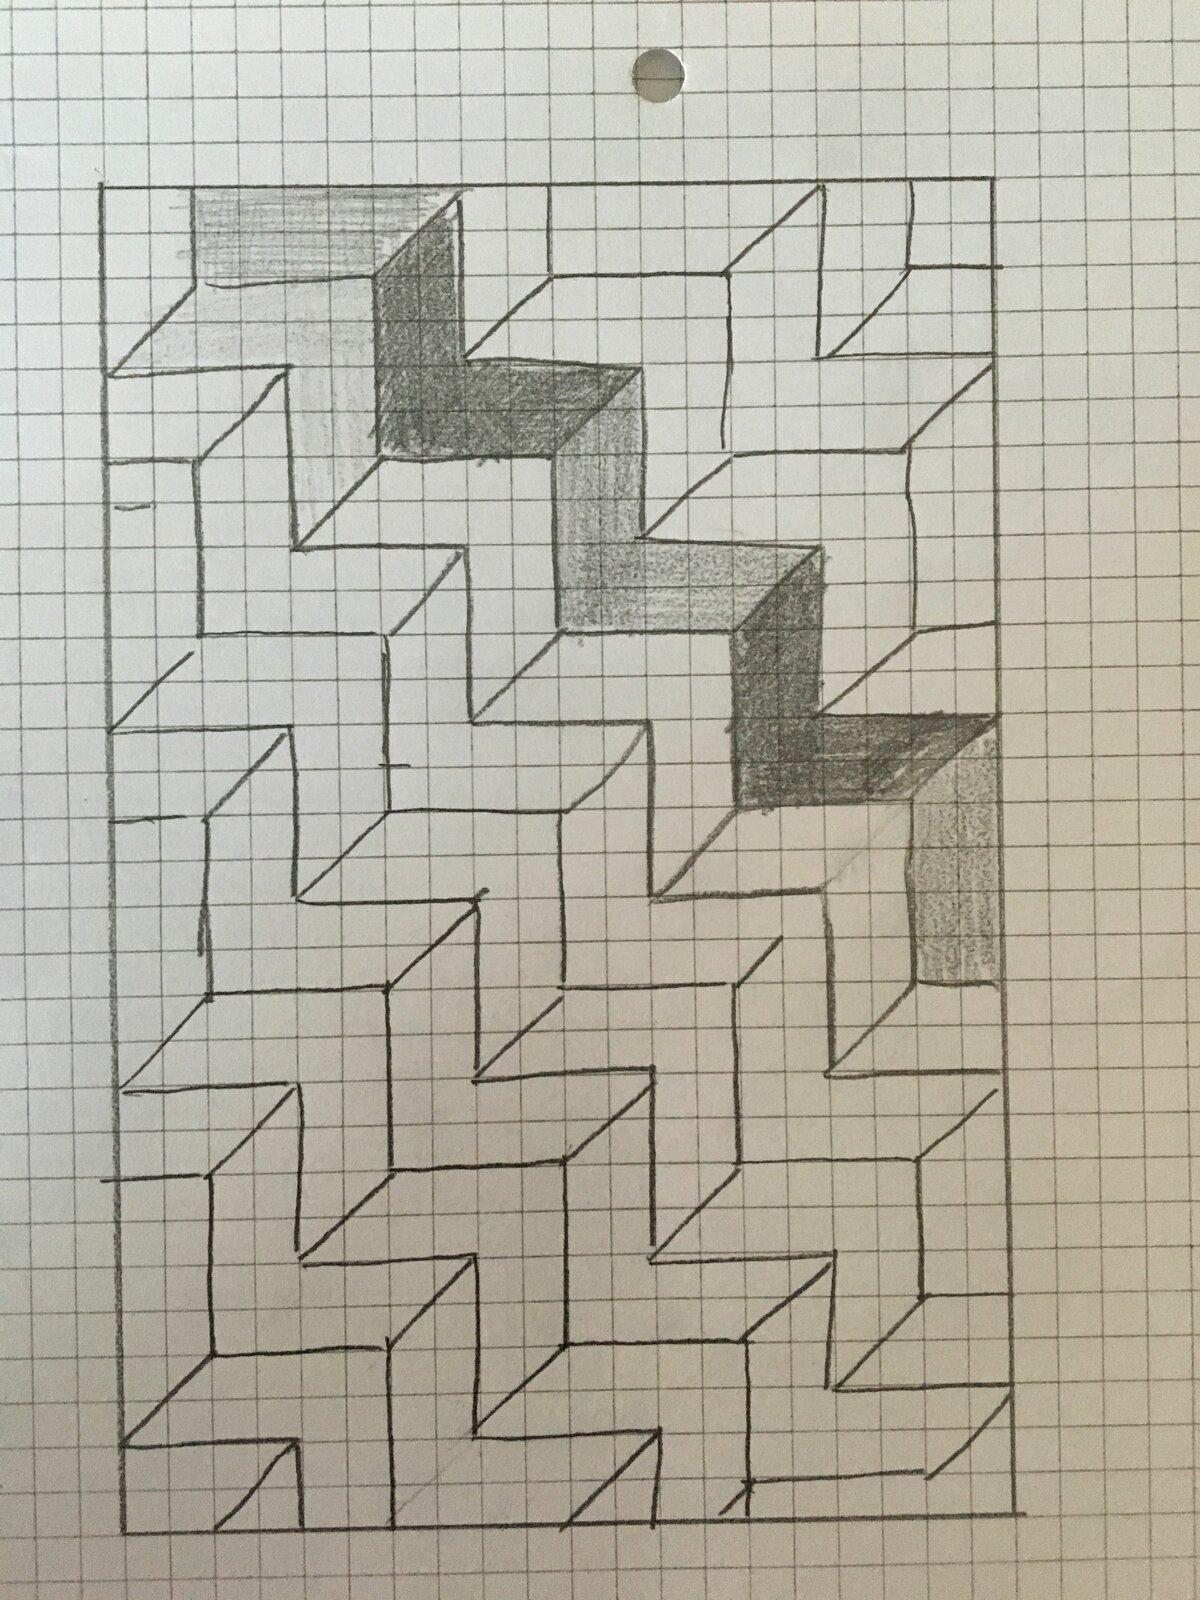 картинки чтобы нарисовать на бумагу в клетку